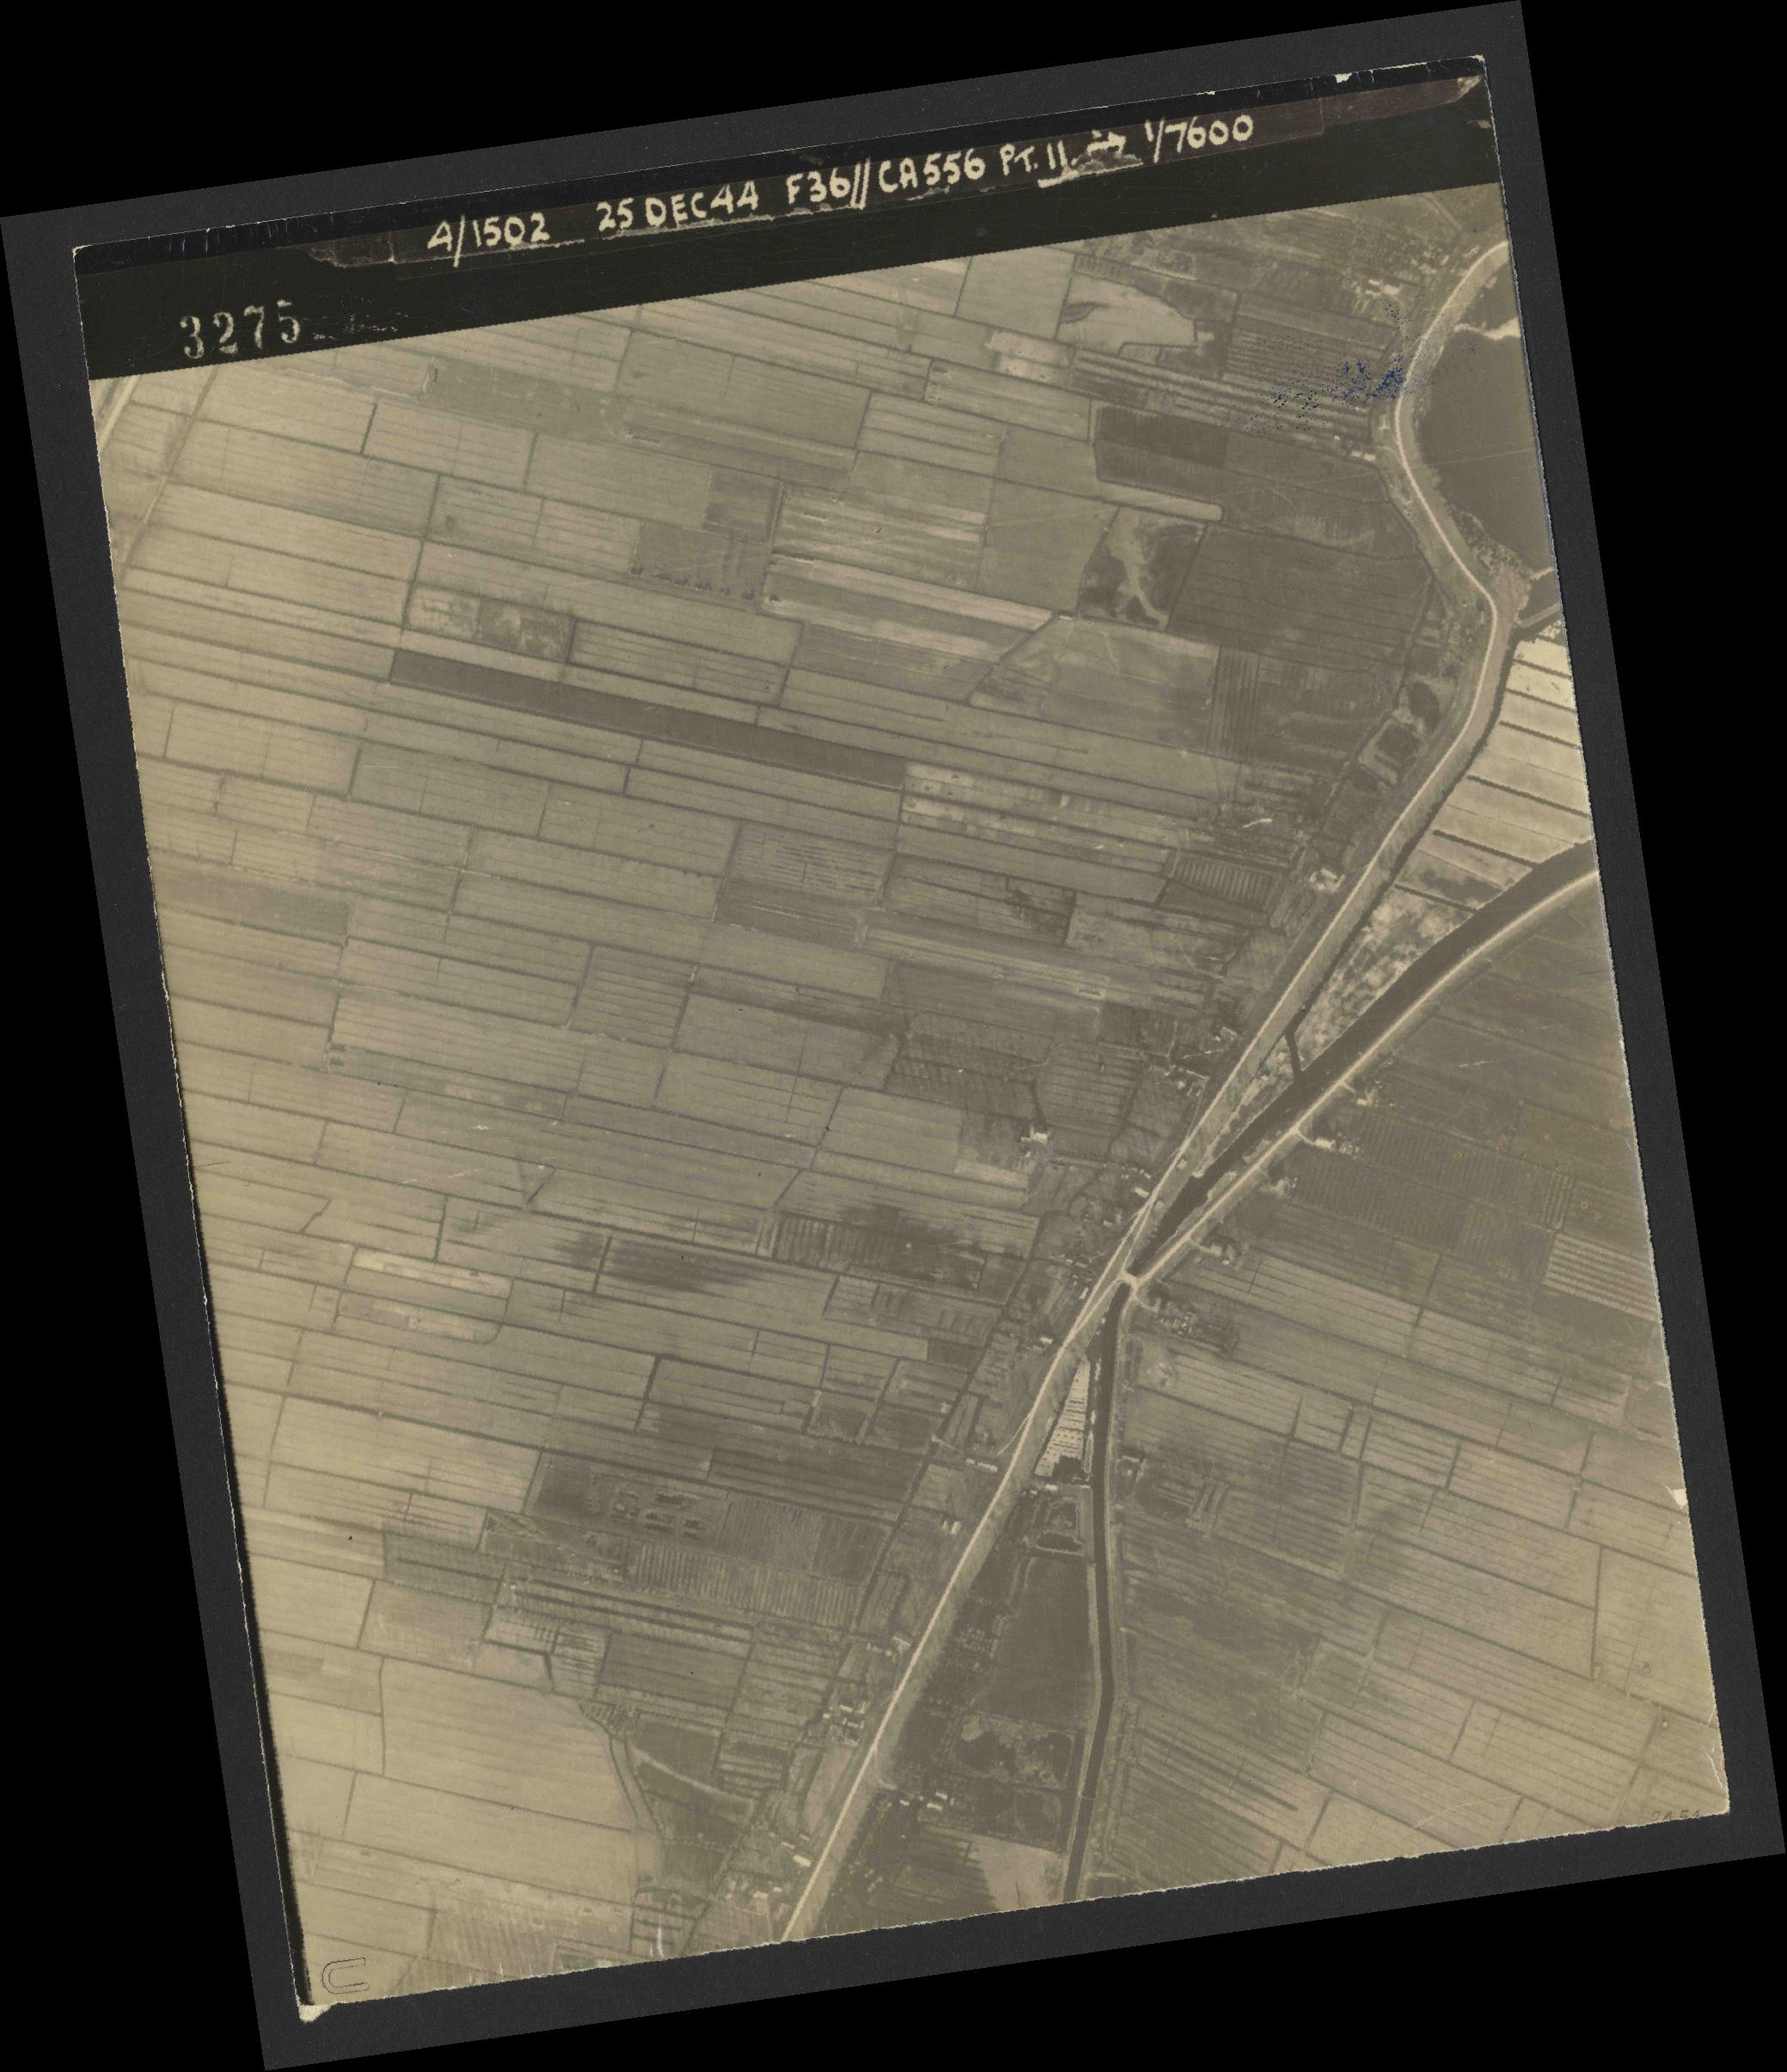 Collection RAF aerial photos 1940-1945 - flight 306, run 10, photo 3275